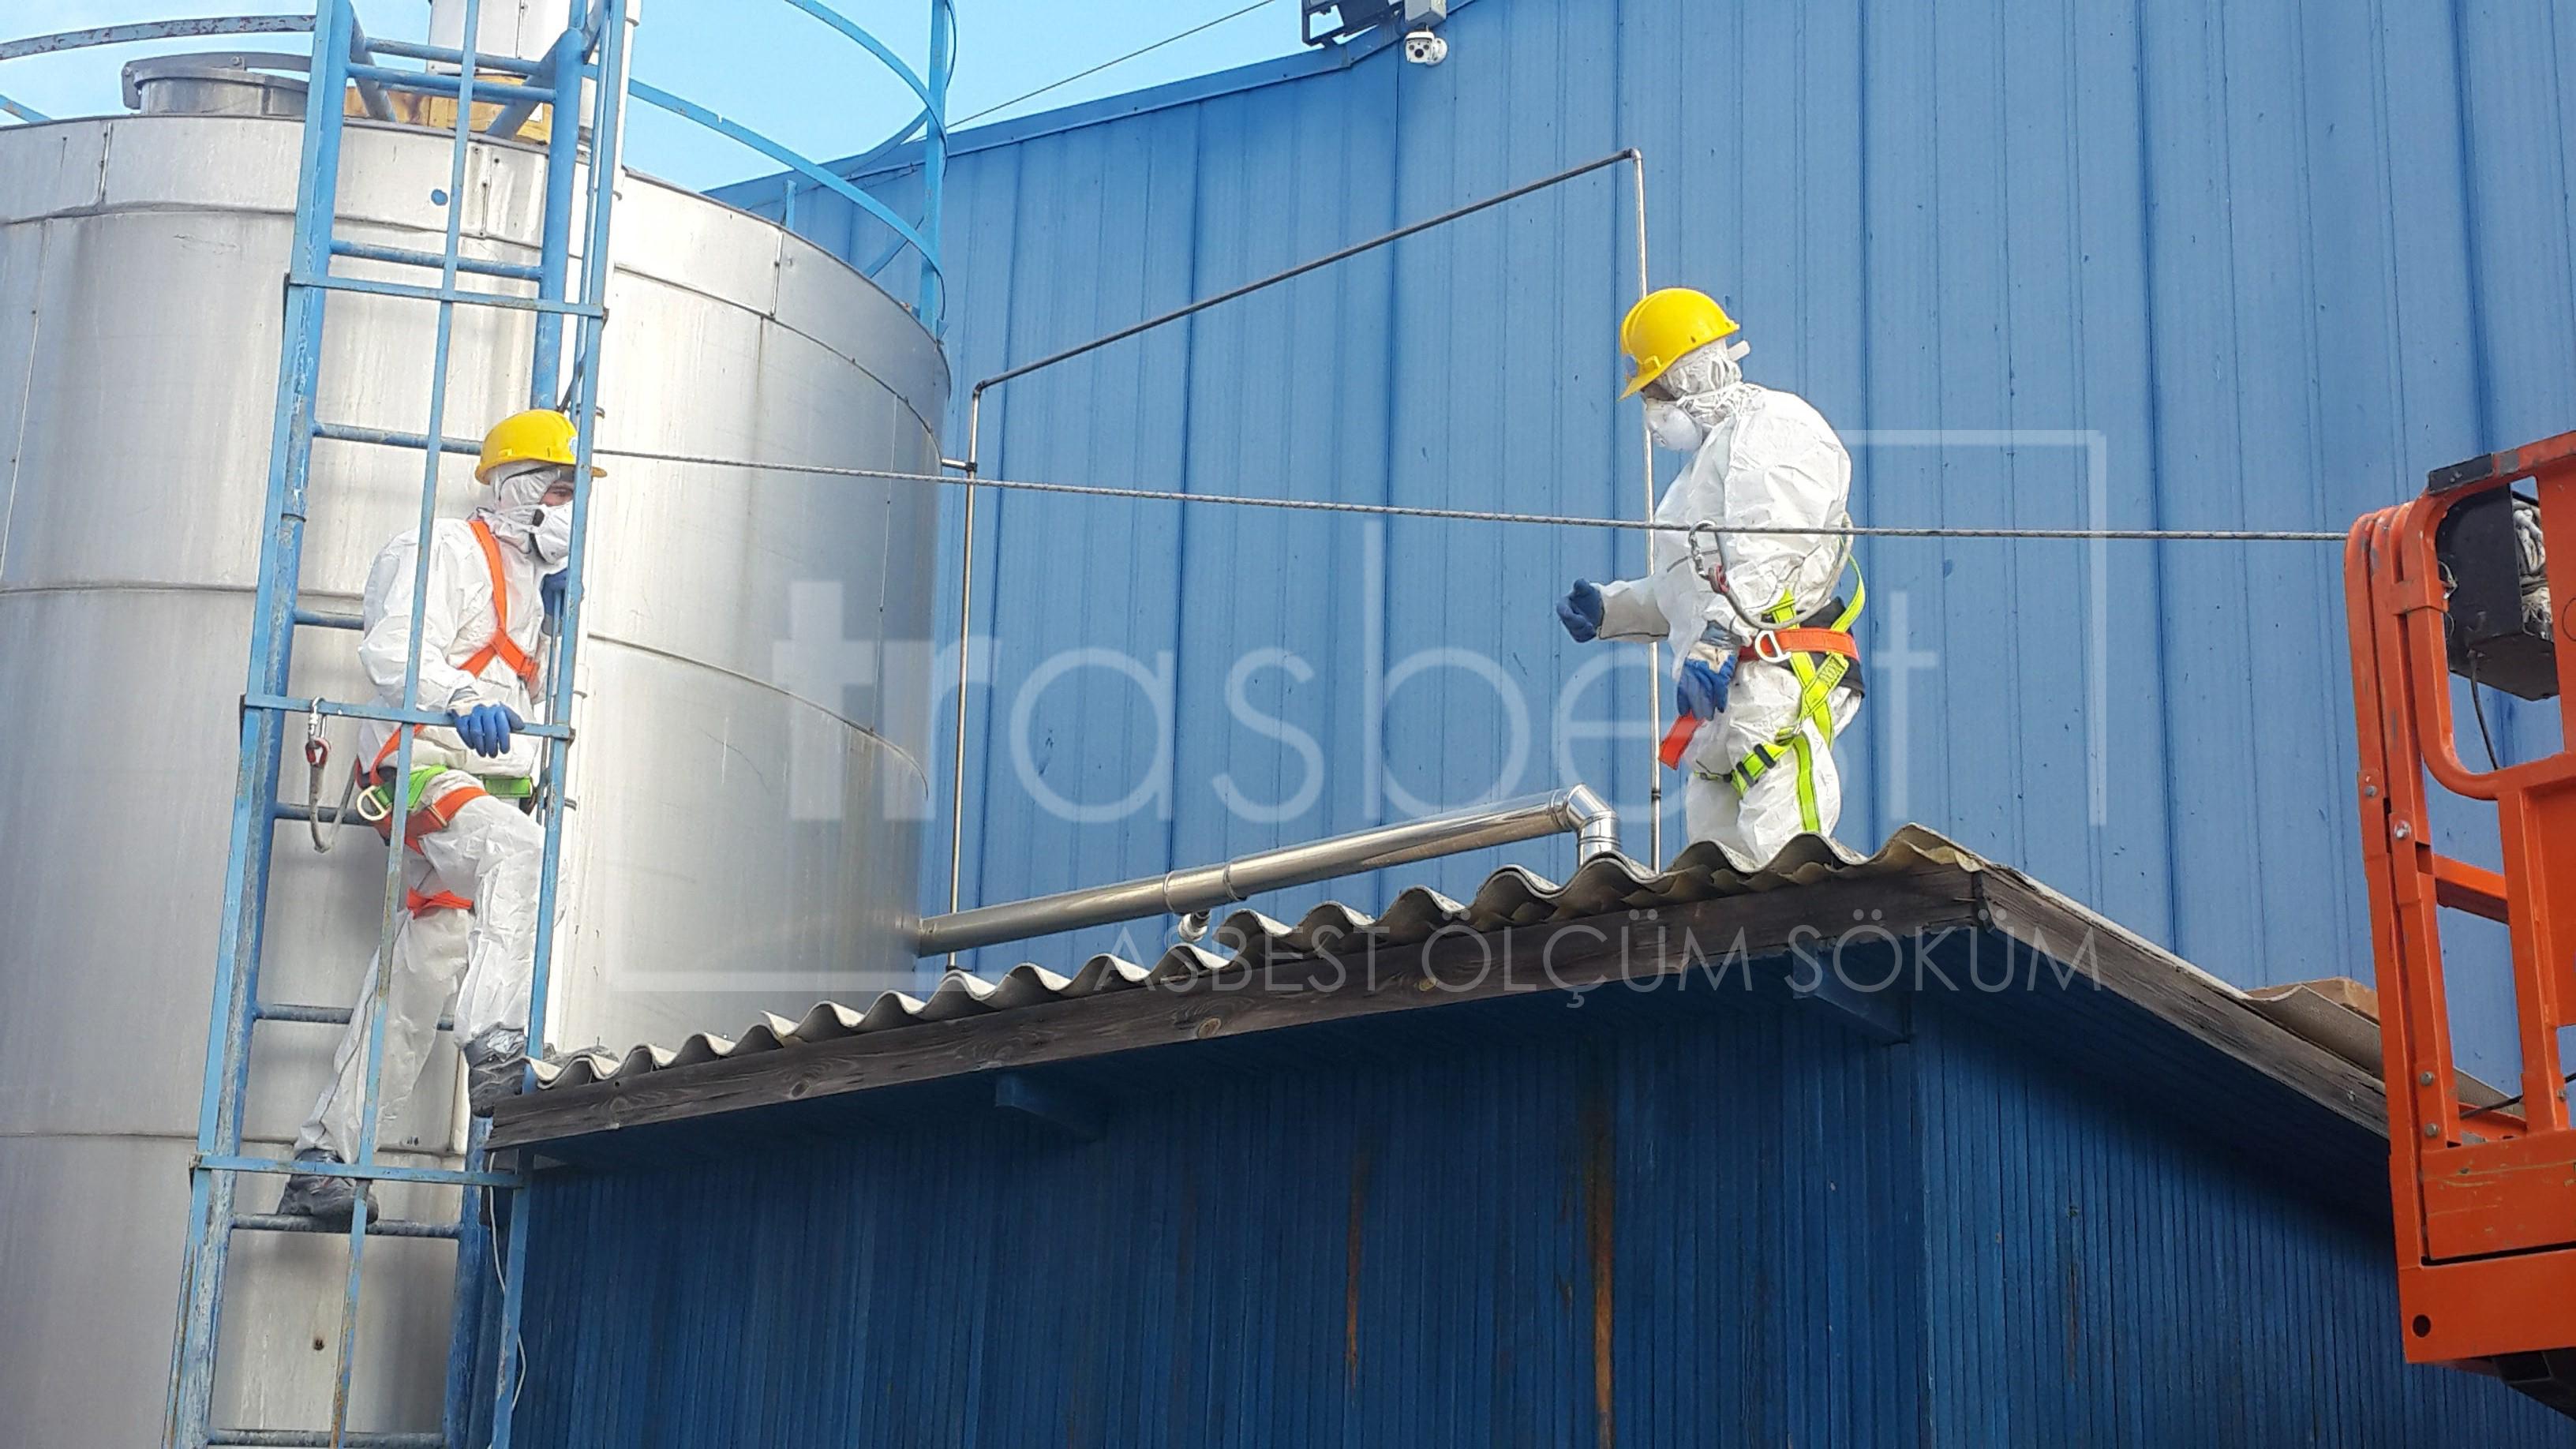 Asbestli Eternit Sökümü